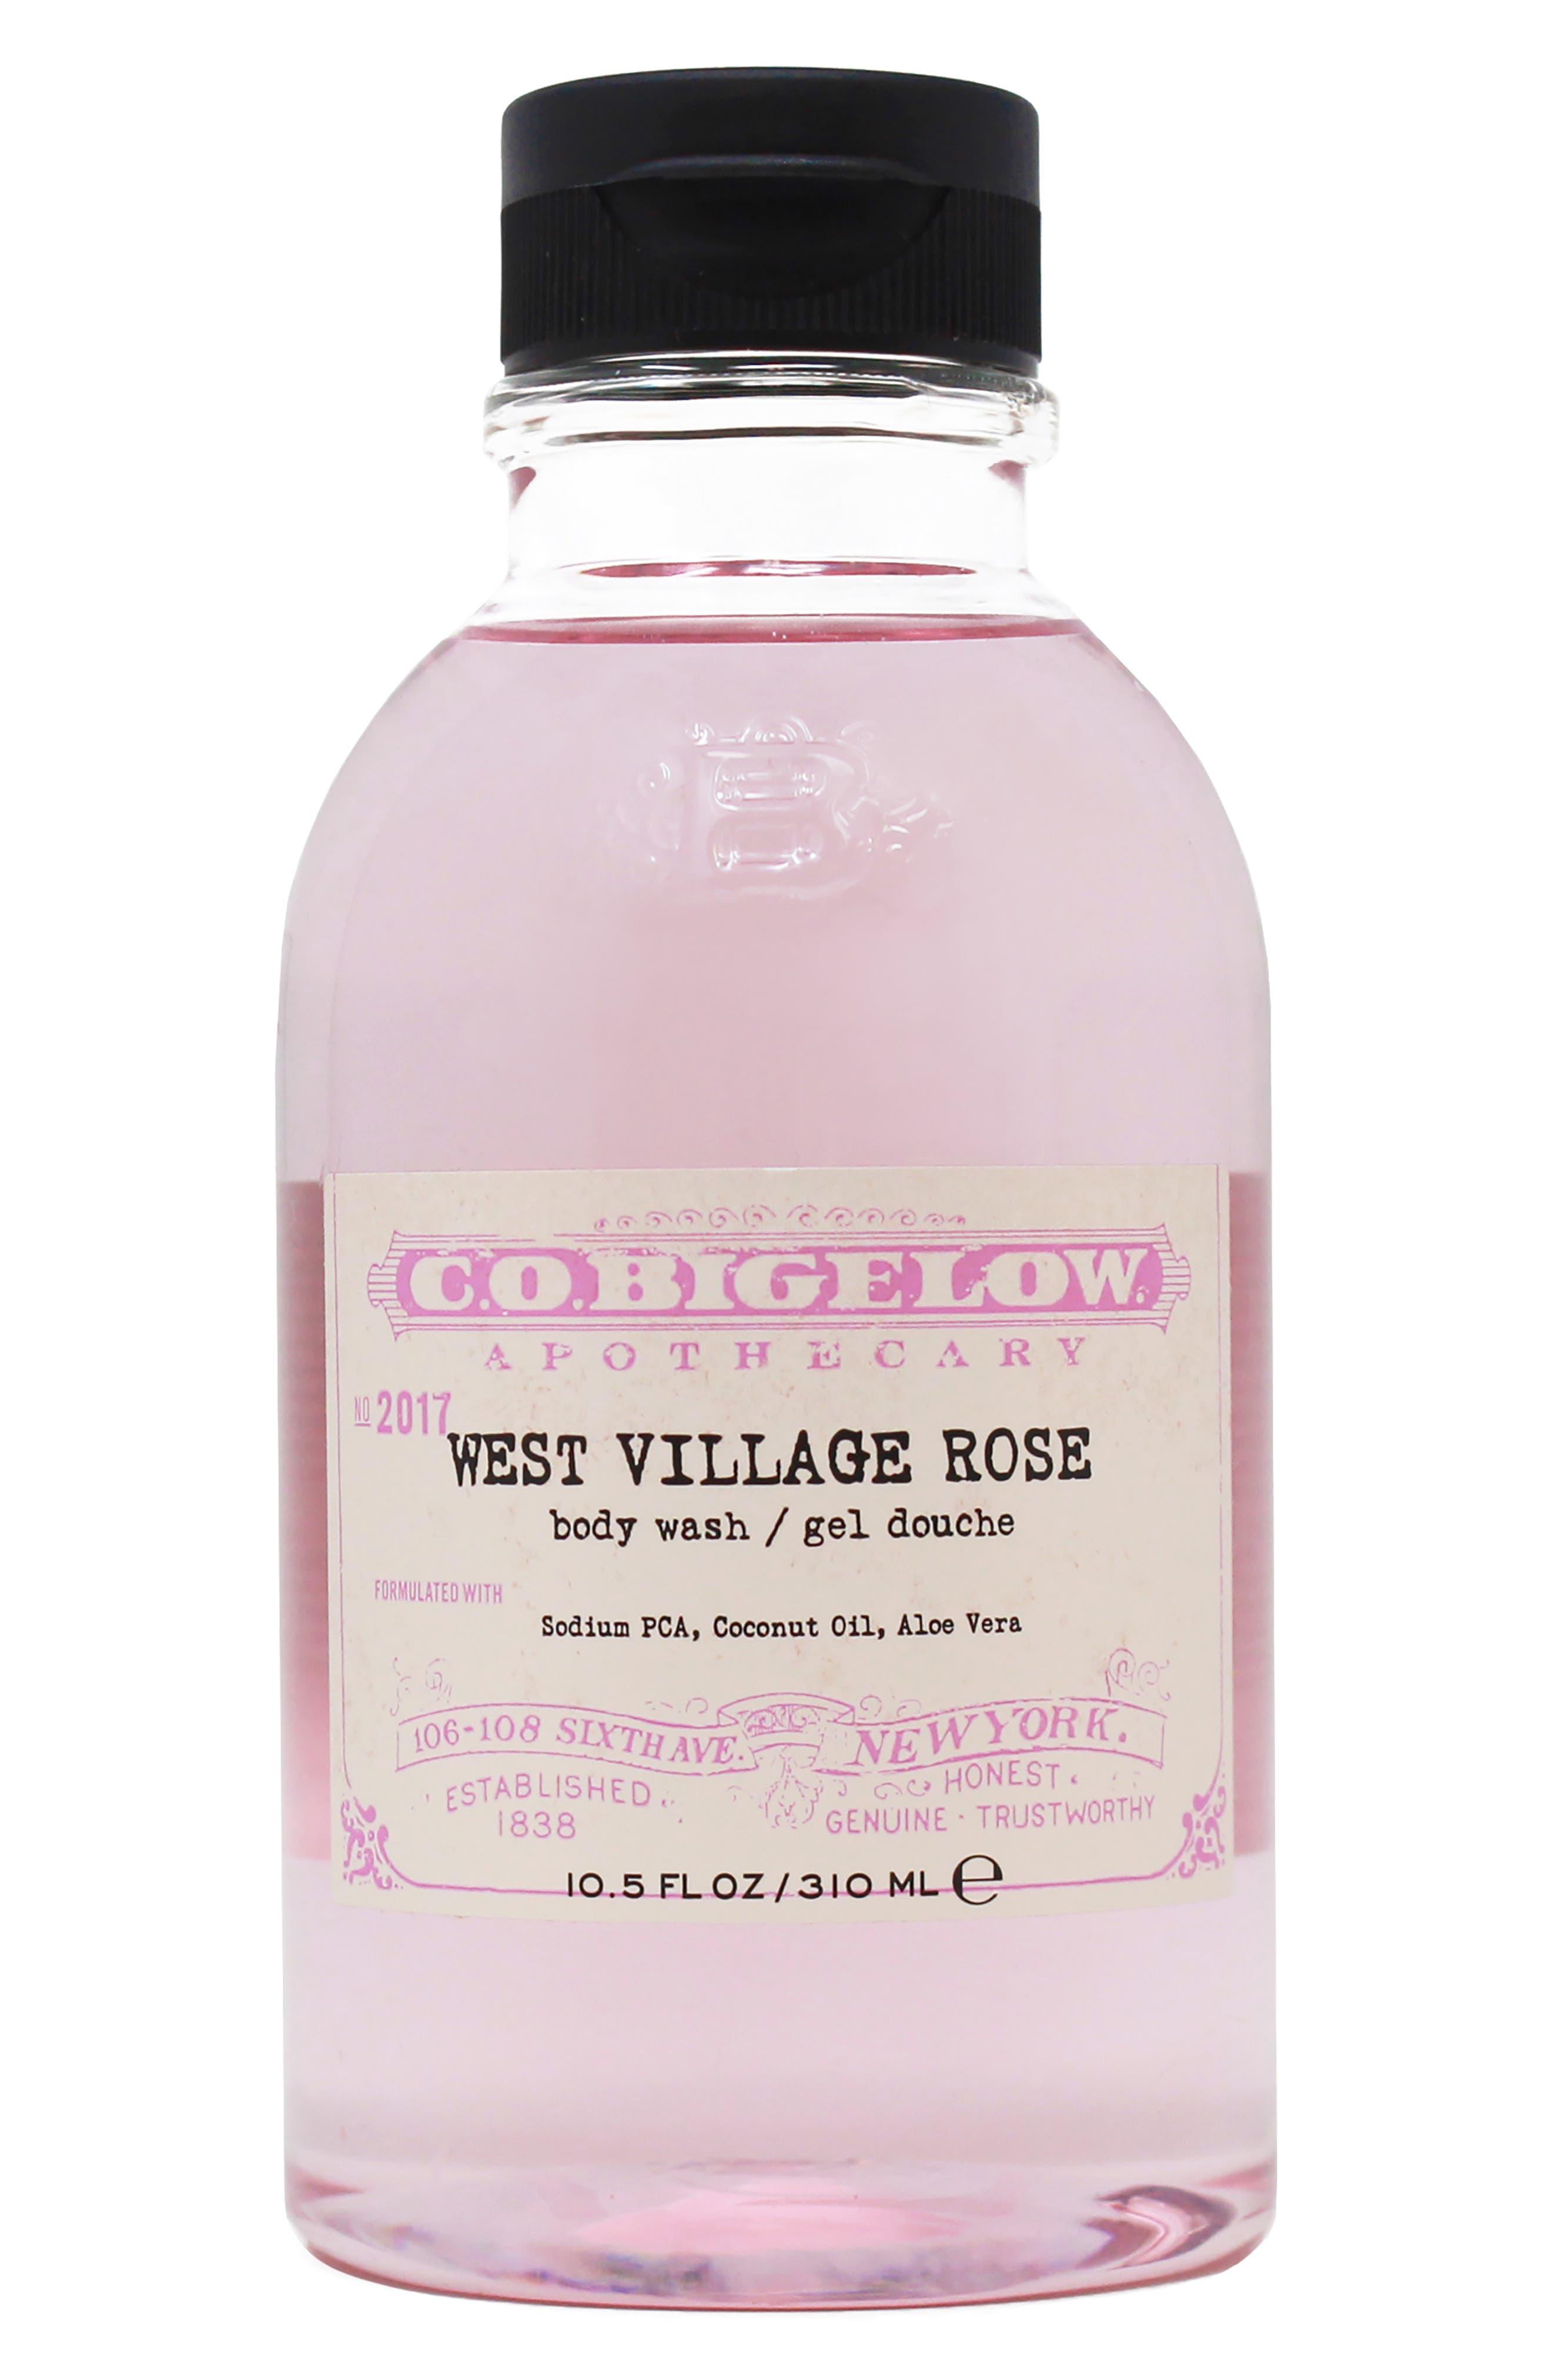 West Village Rose Body Wash